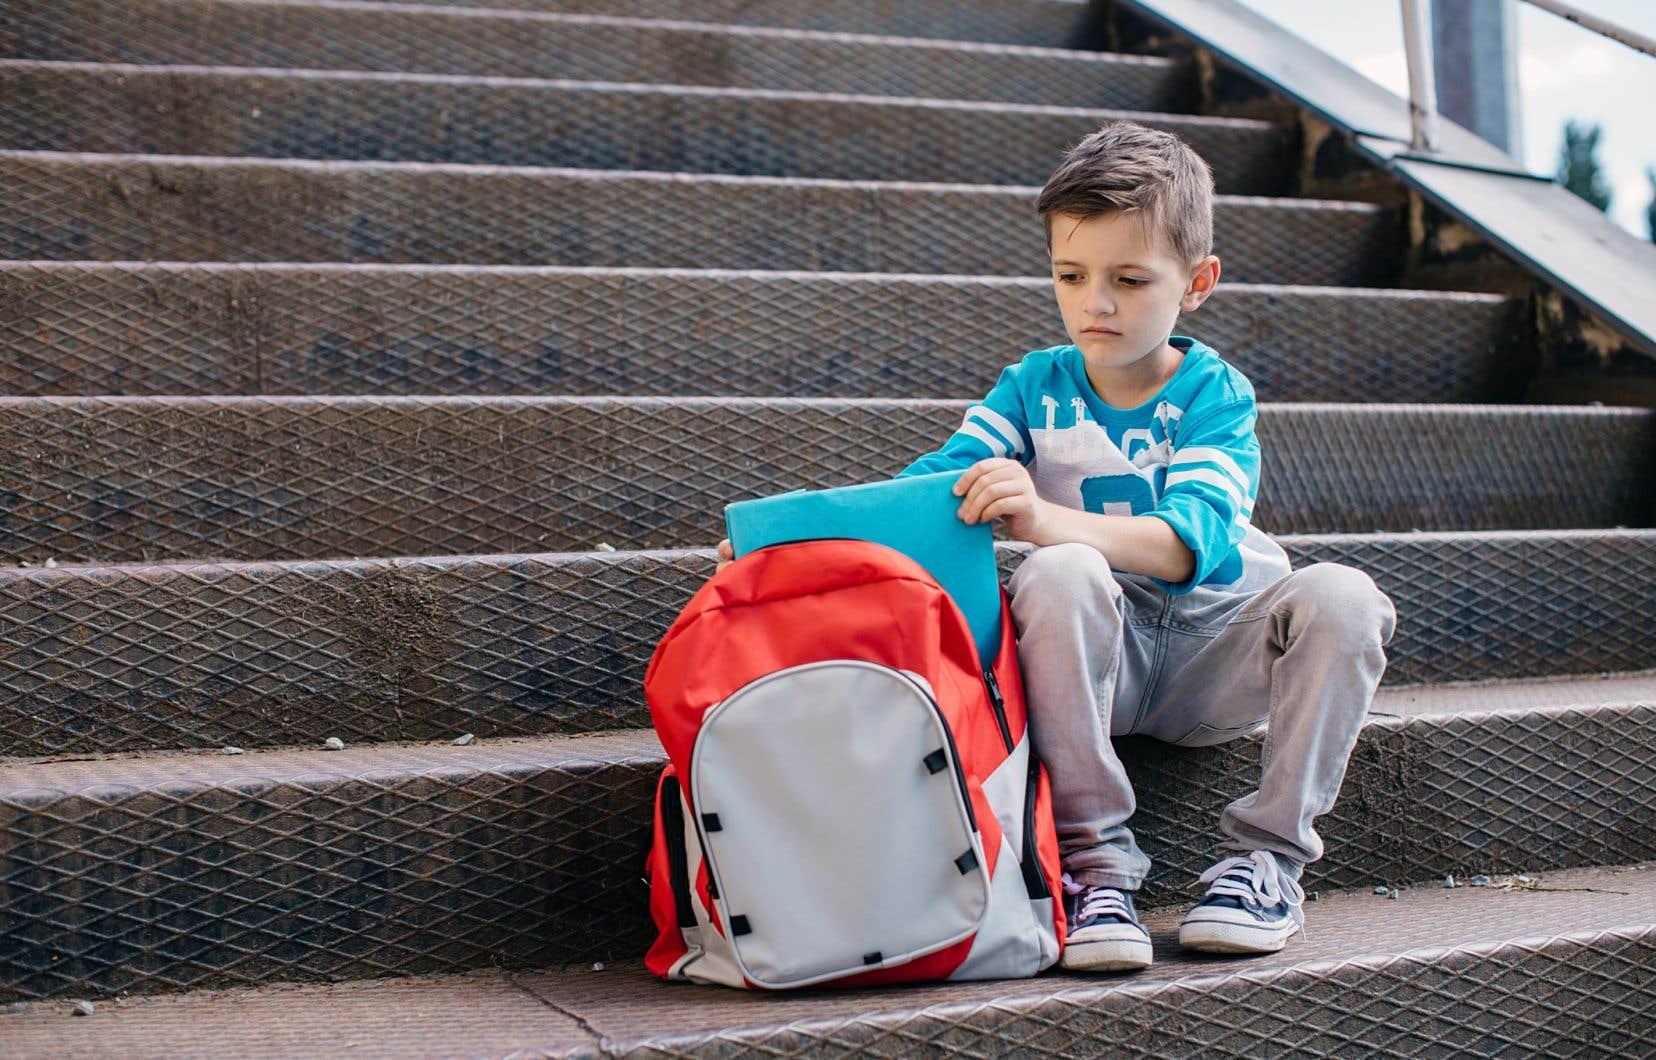 Des recherches internationales montrent que les troubles de comportement et d'apprentissage des garçons à l'école ont des liens avec la construction de leur identité masculine.